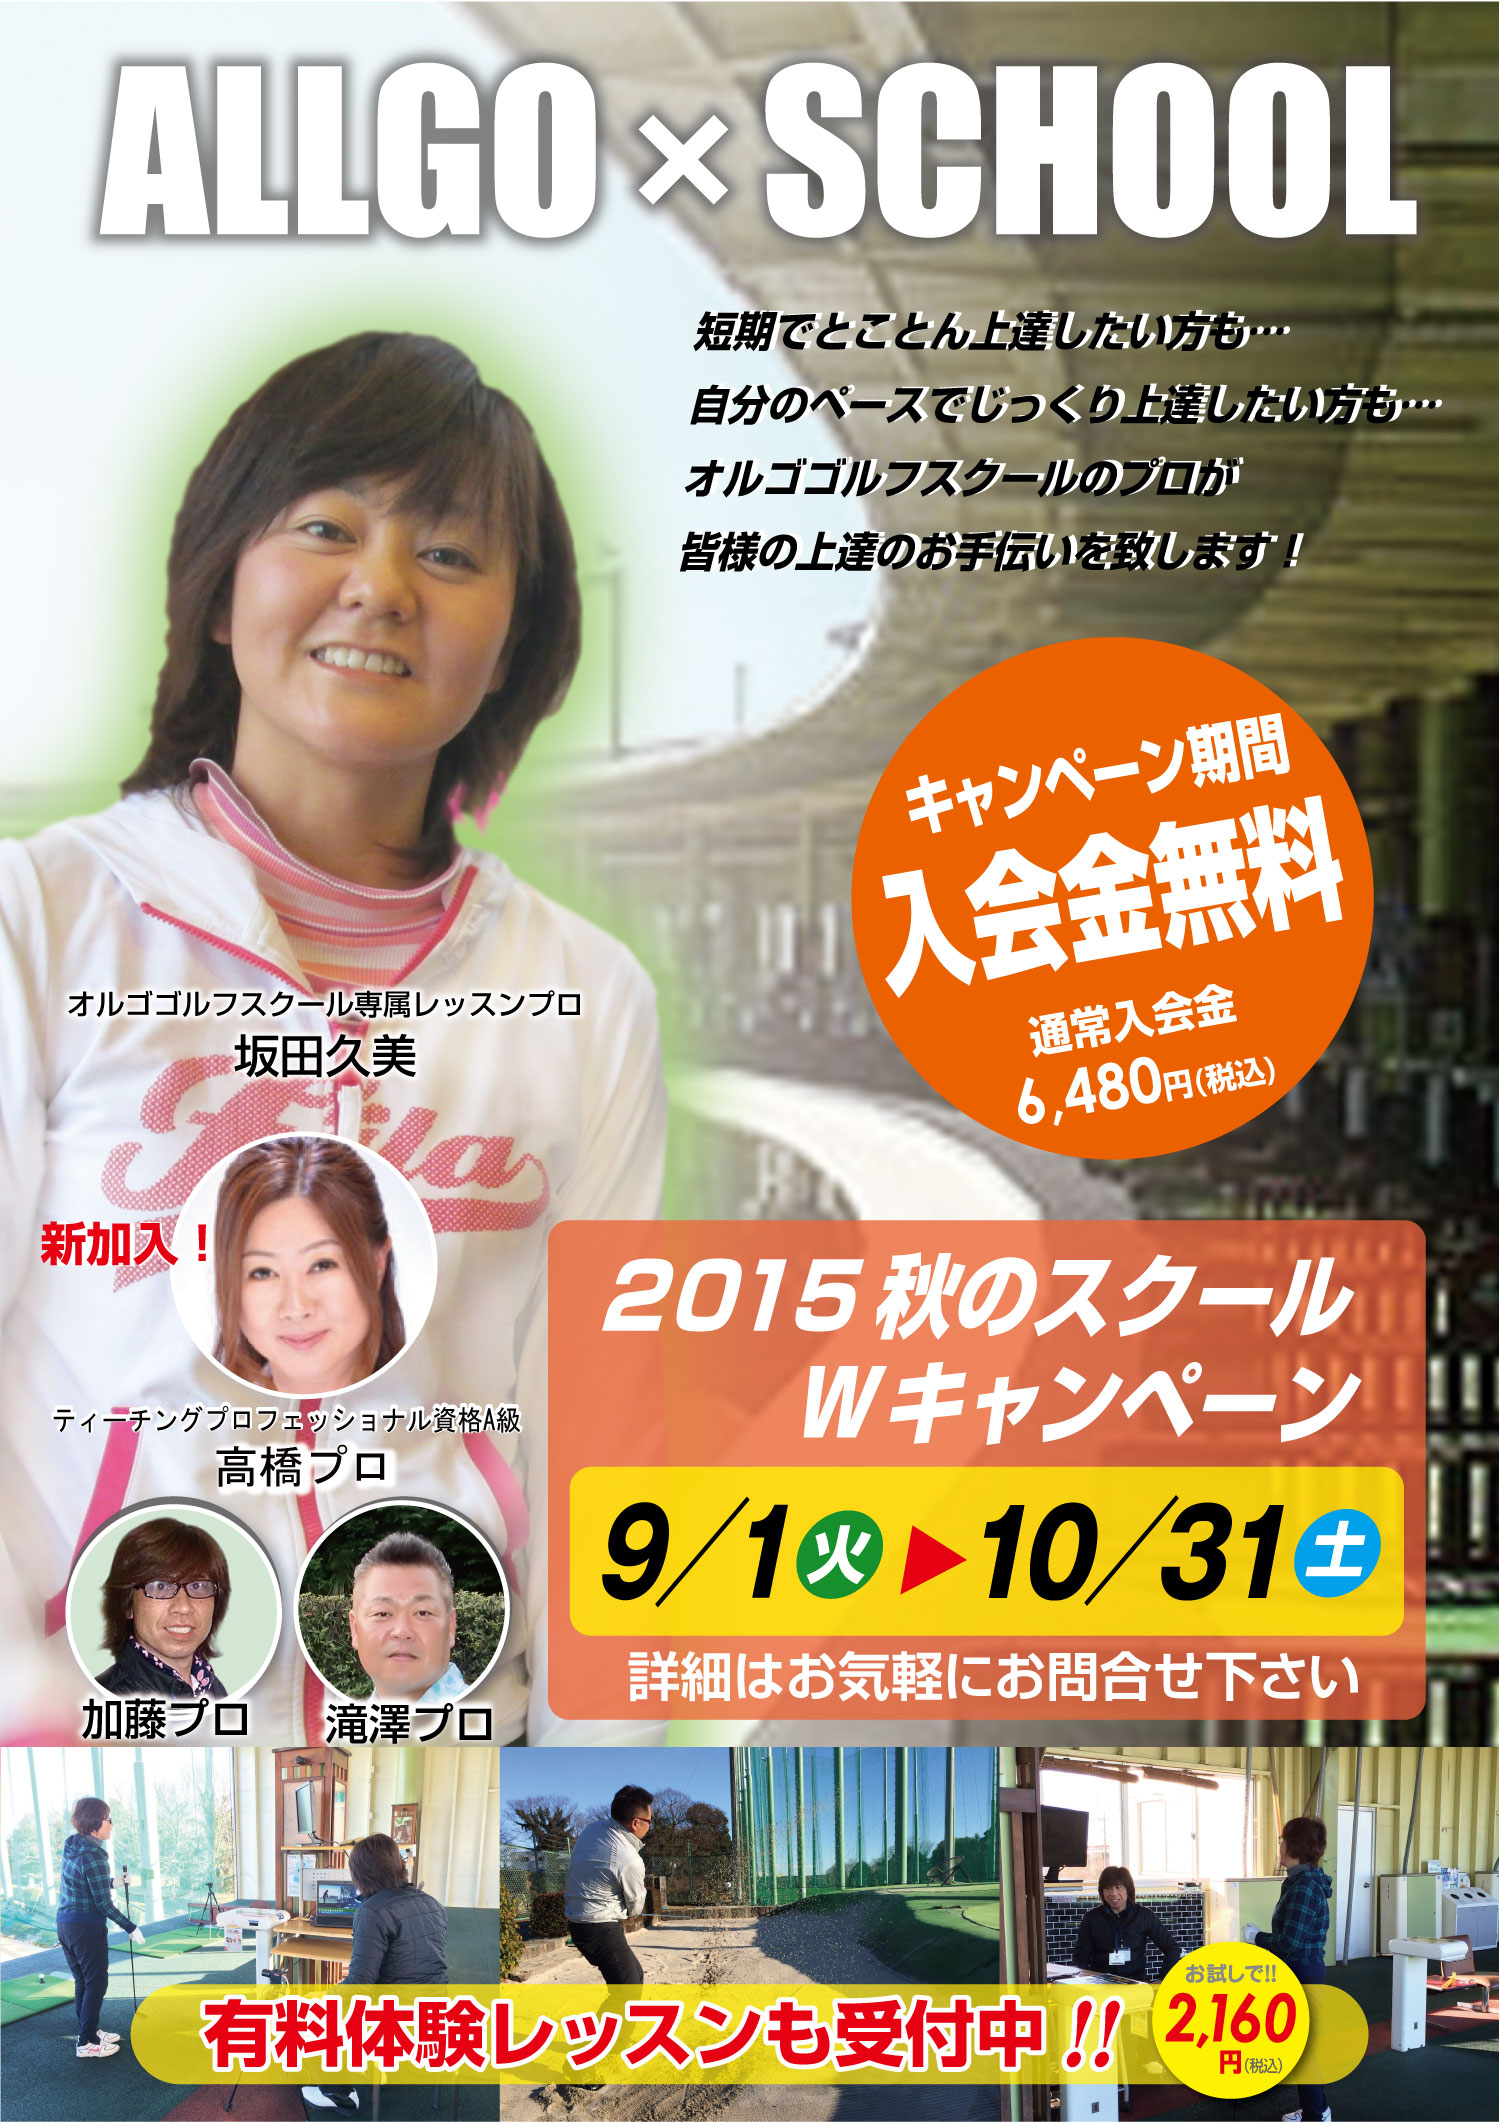 2015秋スクールキャンペーン